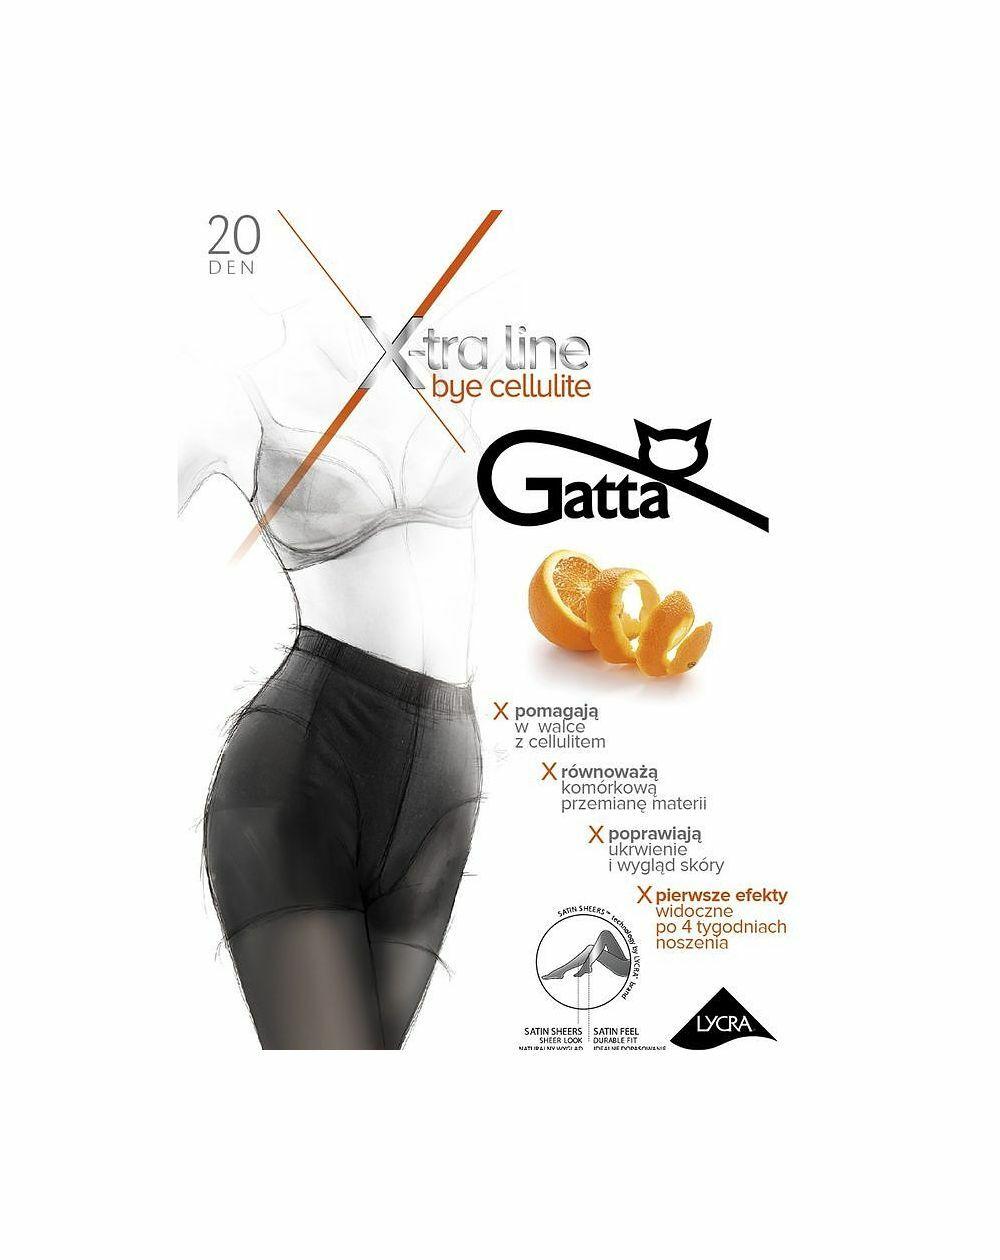 Rajstopy Gatta Bye Cellulite 20 den 5-XL